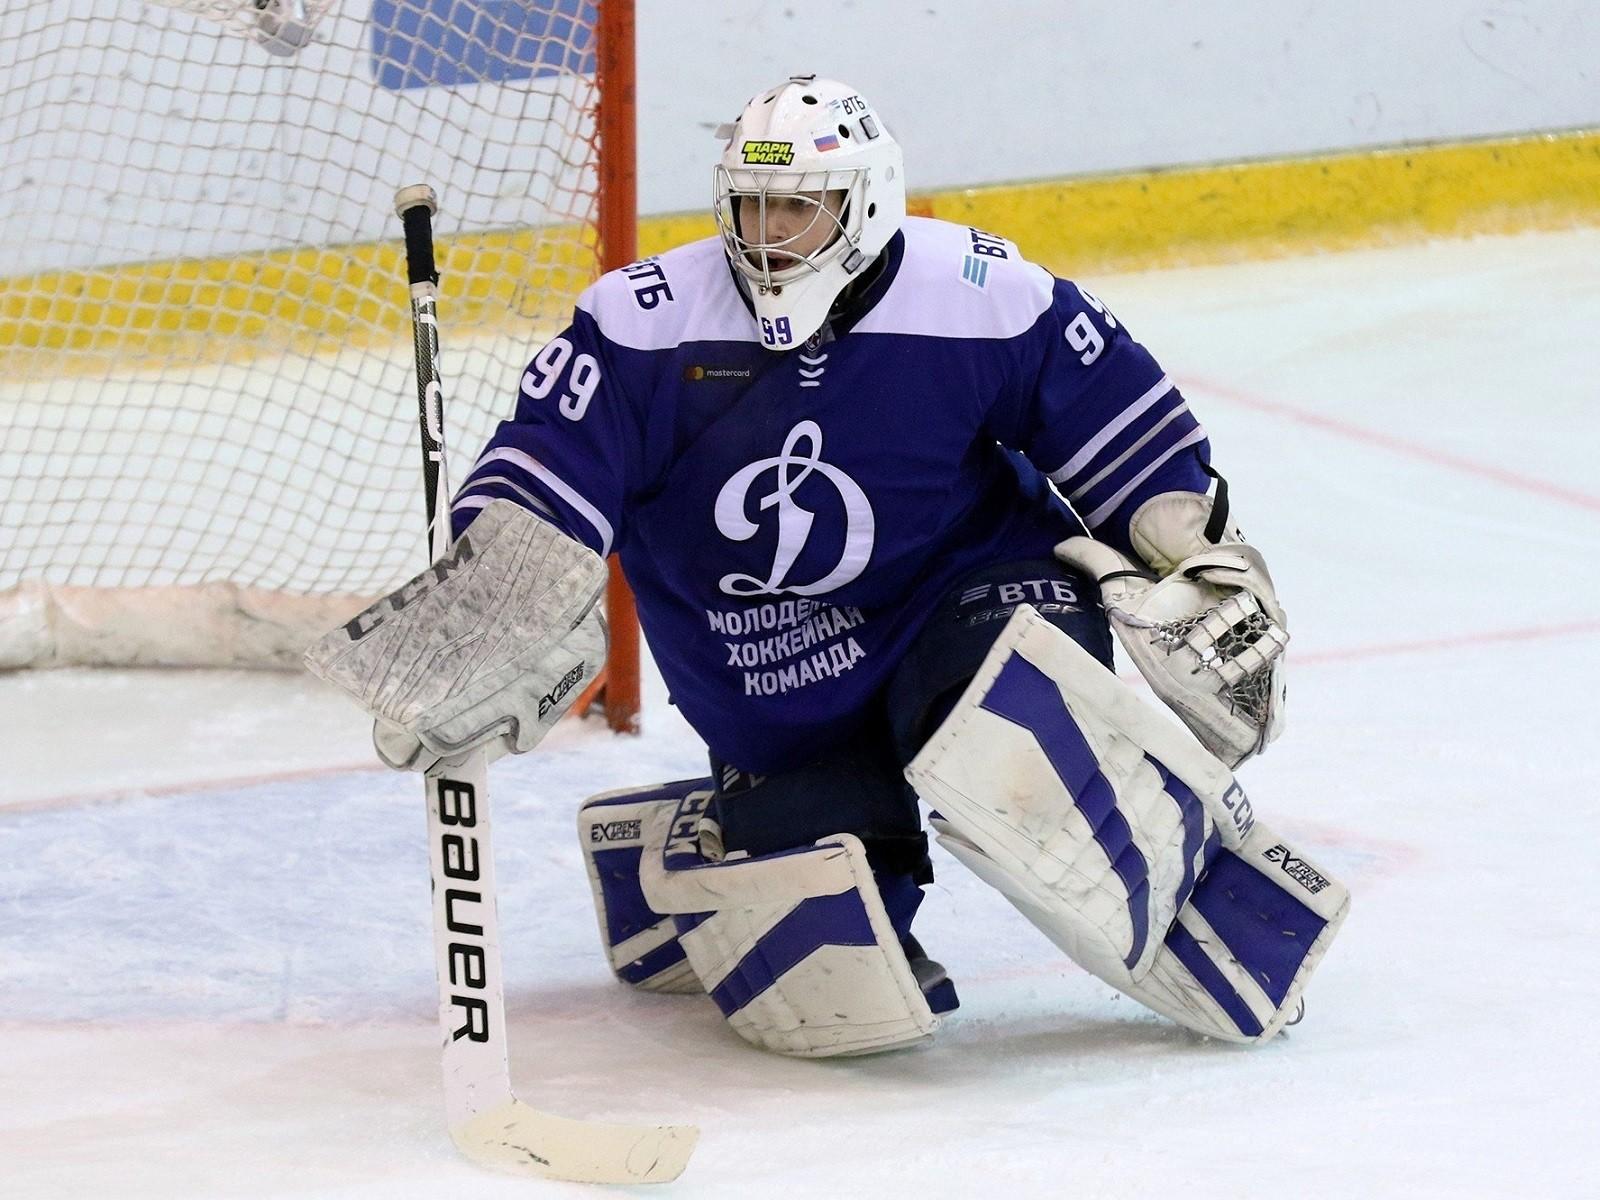 Хоккейных болельщиков приглашают поддержать тверскую команду в ближайших матчах